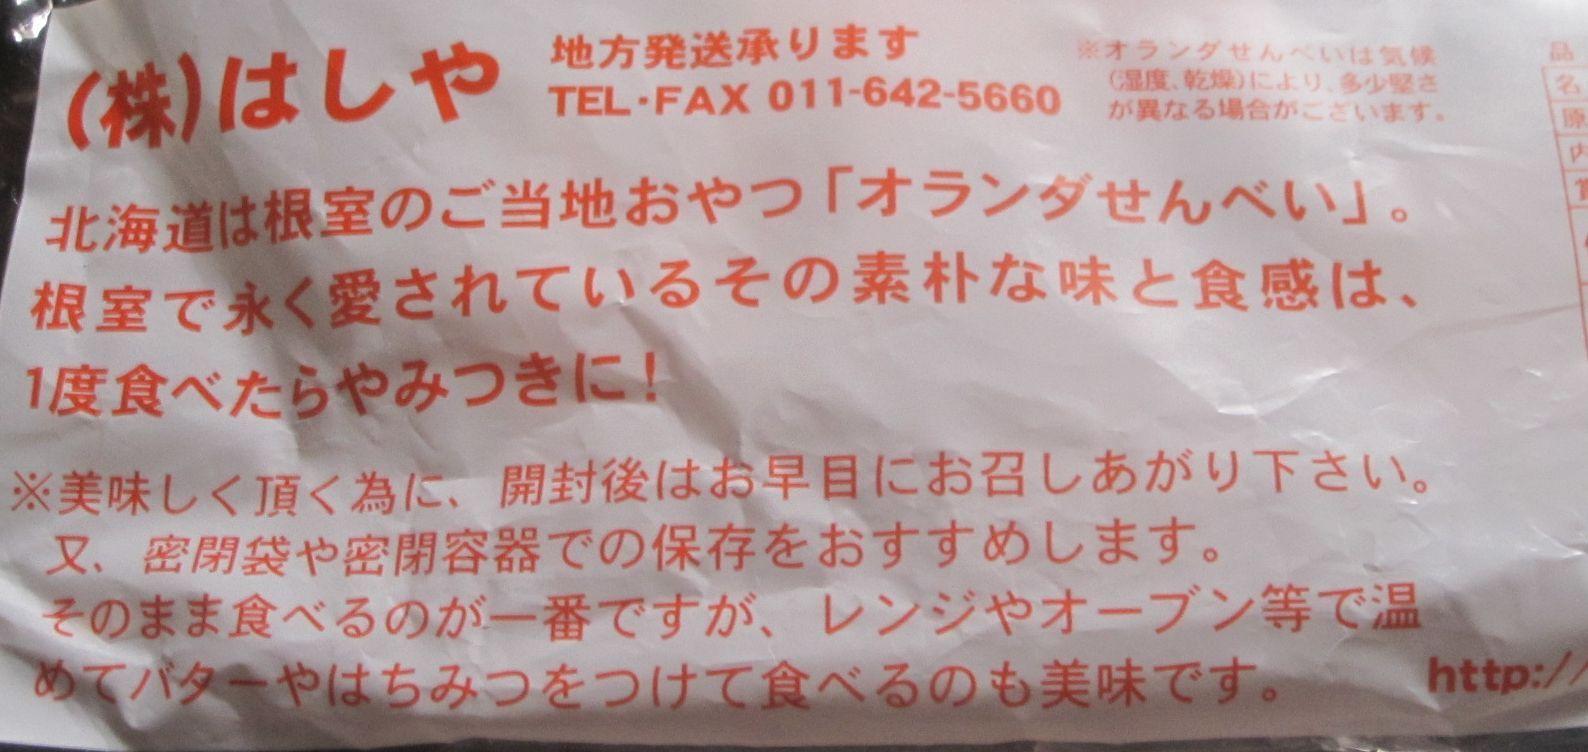 端谷菓子店 札幌店